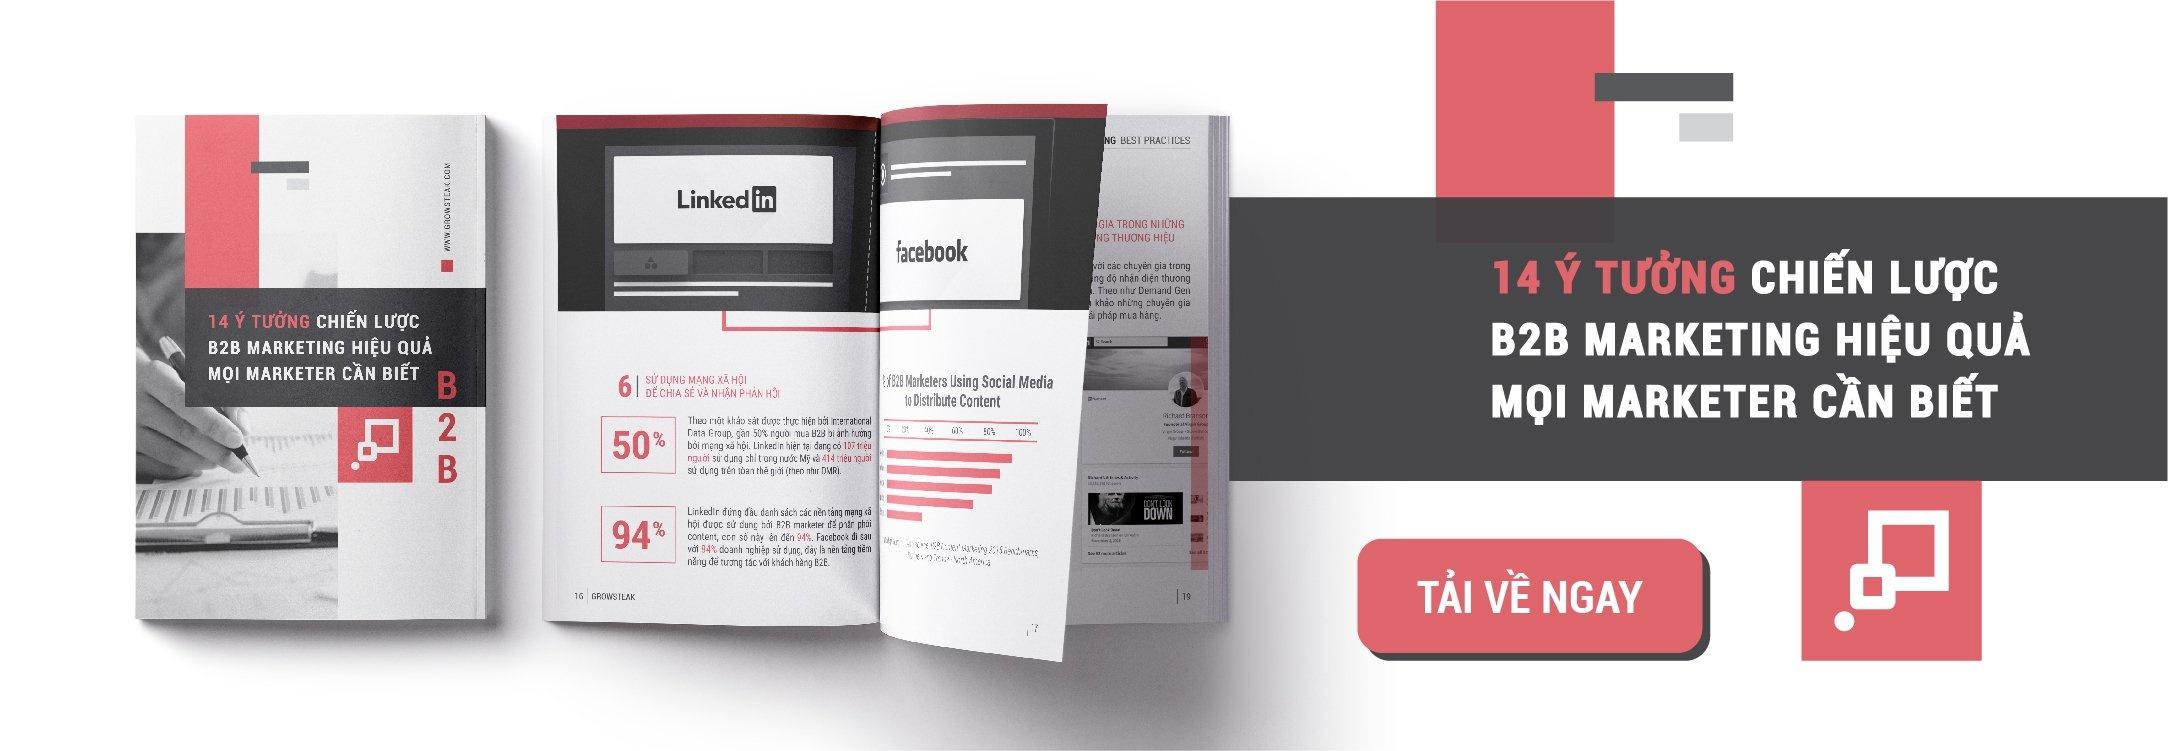 14 Ý Tưởng Chiến lược B2B Marketing Mọi Marketer Cần Biết